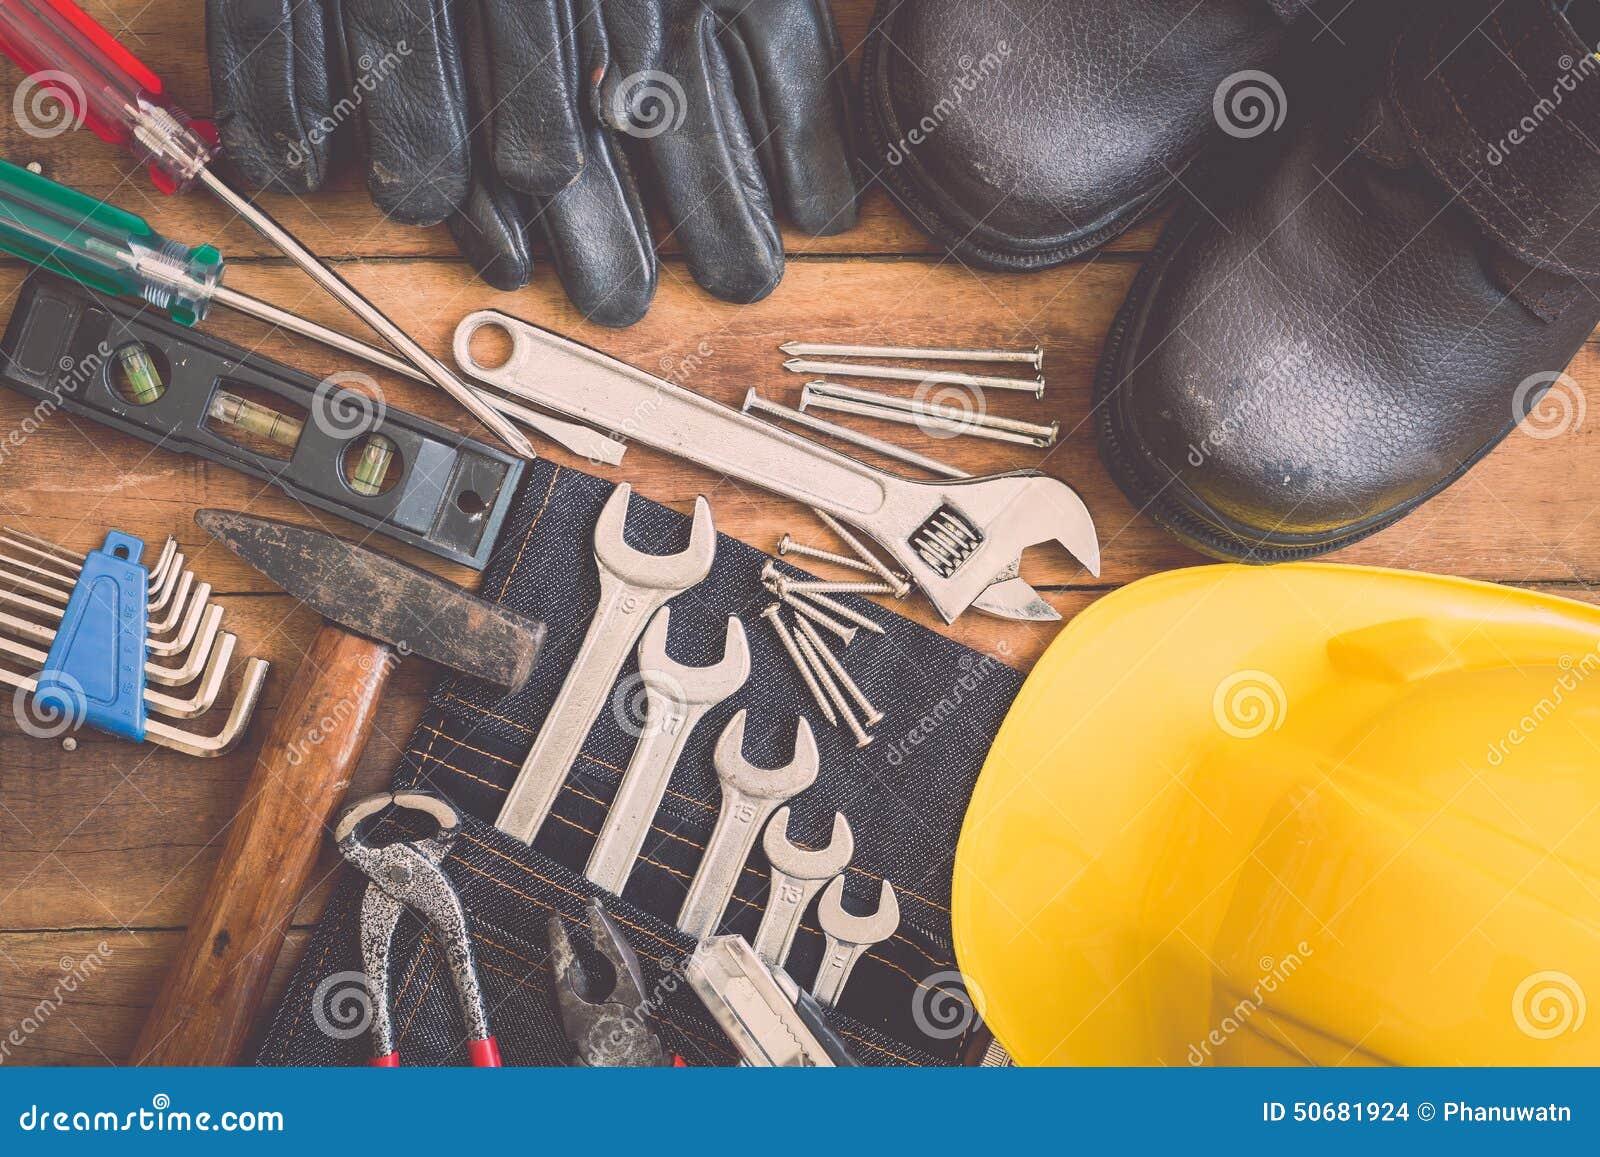 Download 在木头的被分类的工作工具 库存照片. 图片 包括有 特写镜头, 整修, 钉子, 的协助, 木料, 手套, 木匠业 - 50681924